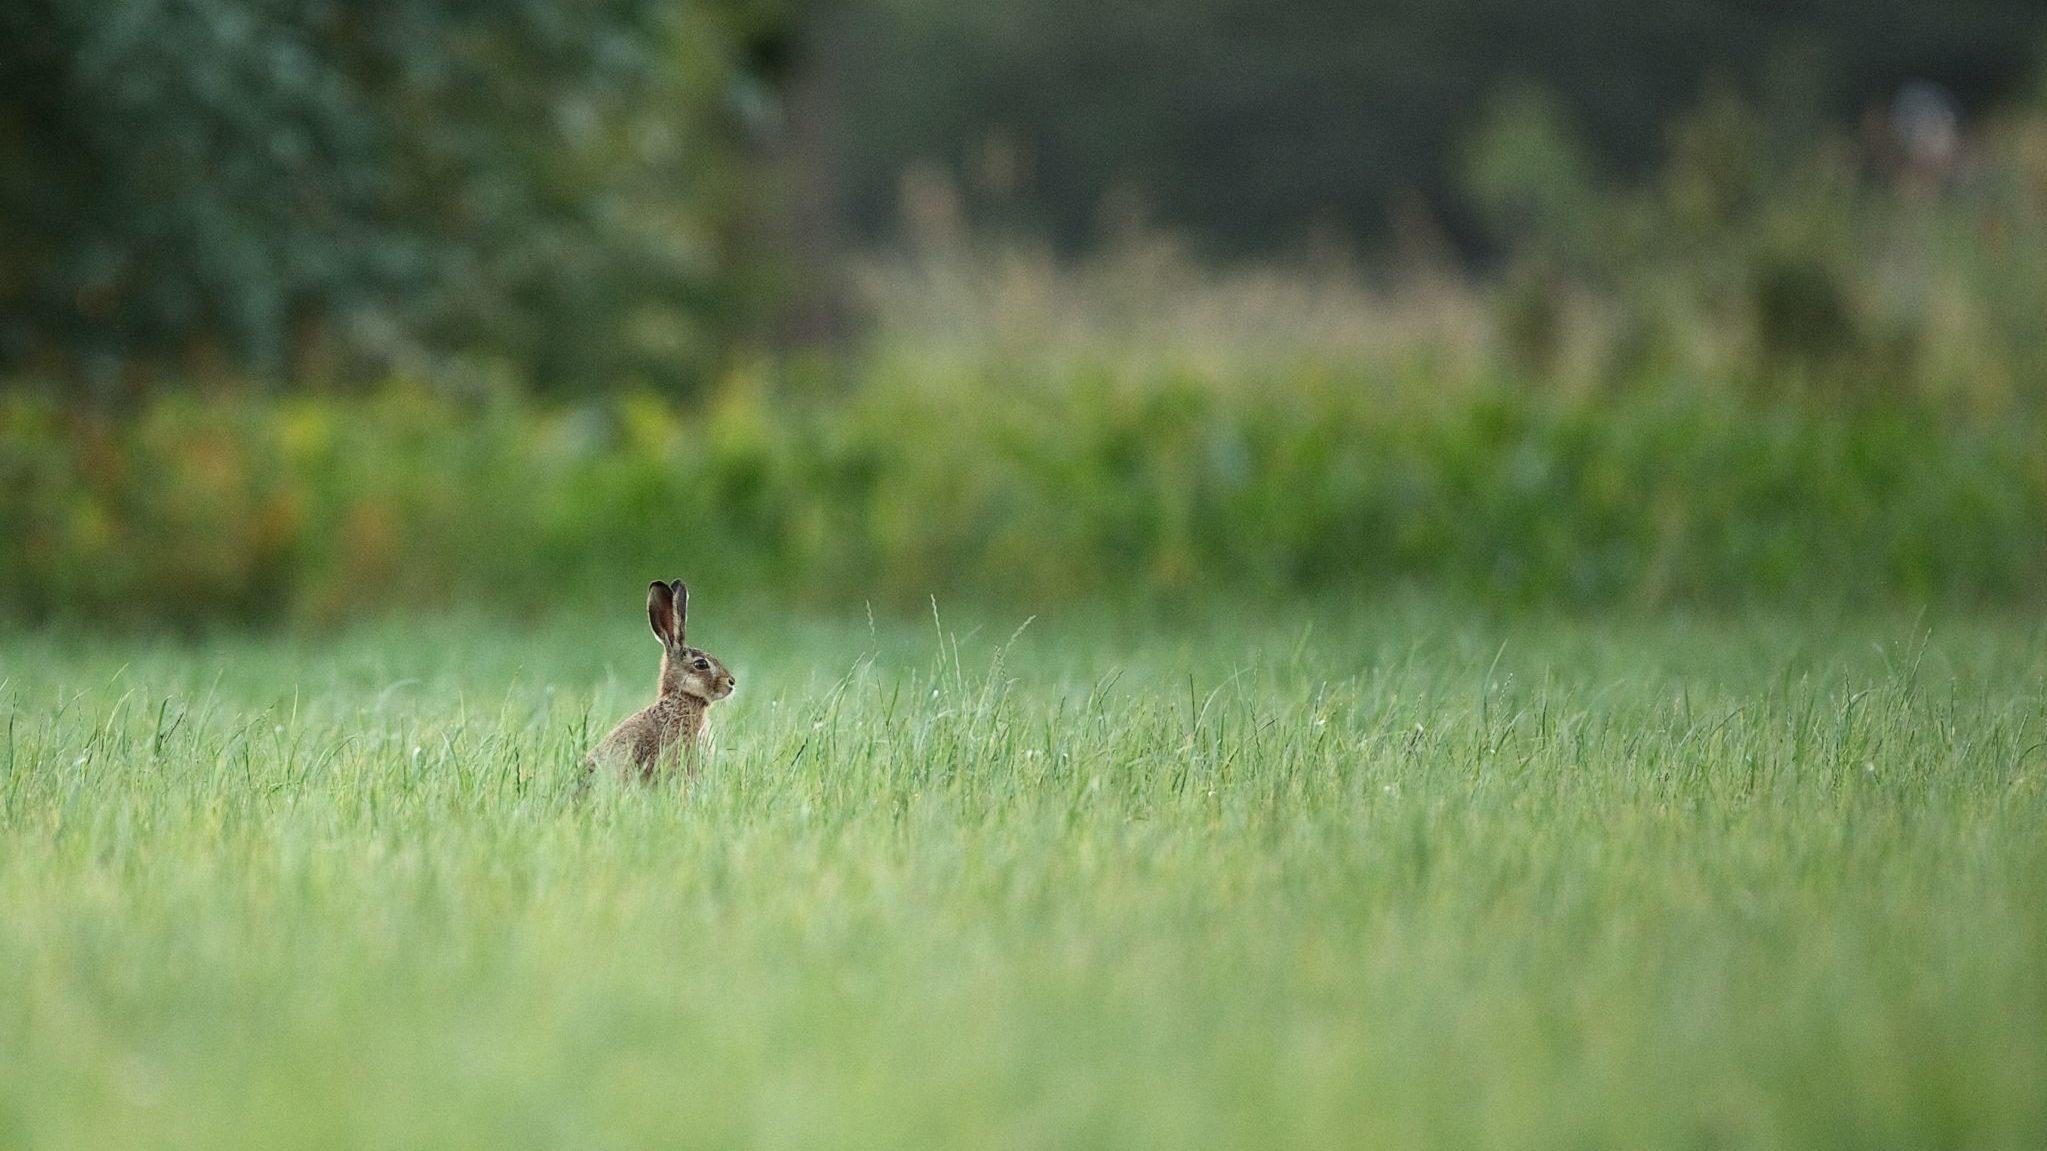 Un lièvre dans un champ d'herbes longues